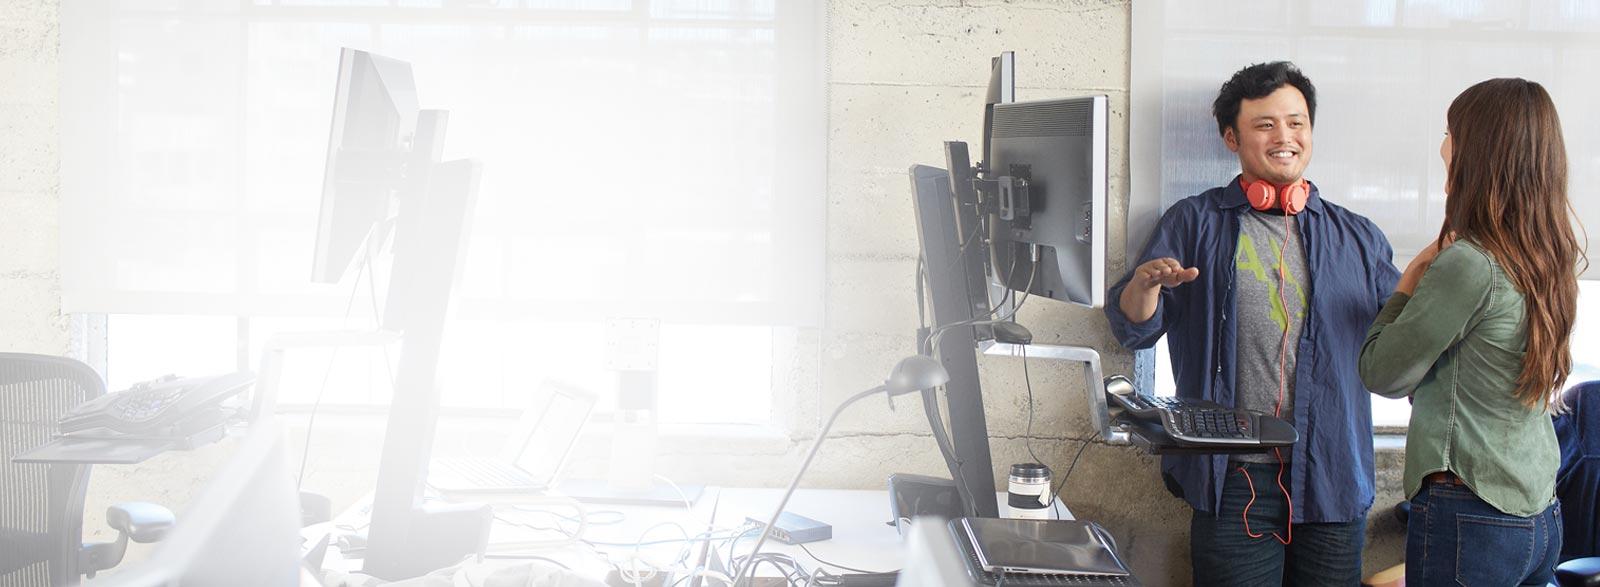 Mies ja nainen seisovat toimistotilassa ja käyttävät Office 365 Business Premiumia.